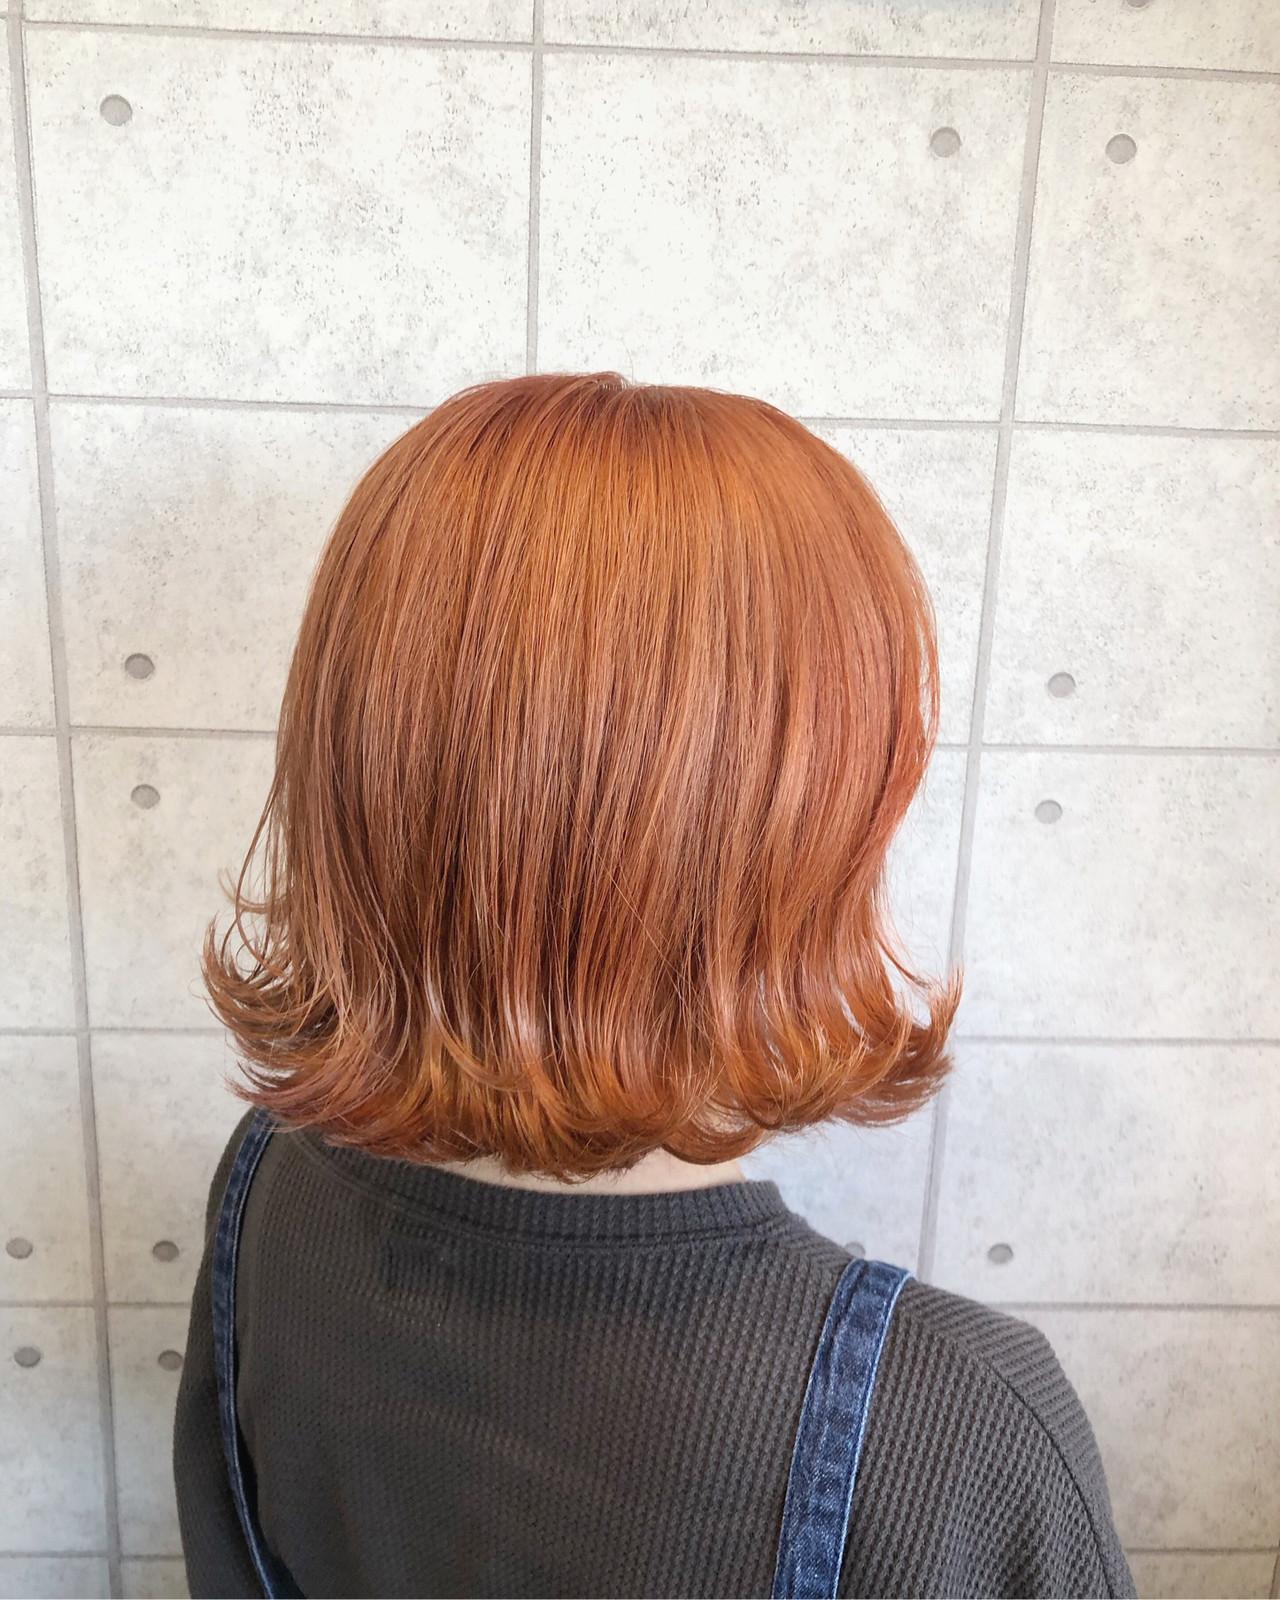 アプリコットオレンジ モード オレンジ ボブ ヘアスタイルや髪型の写真・画像